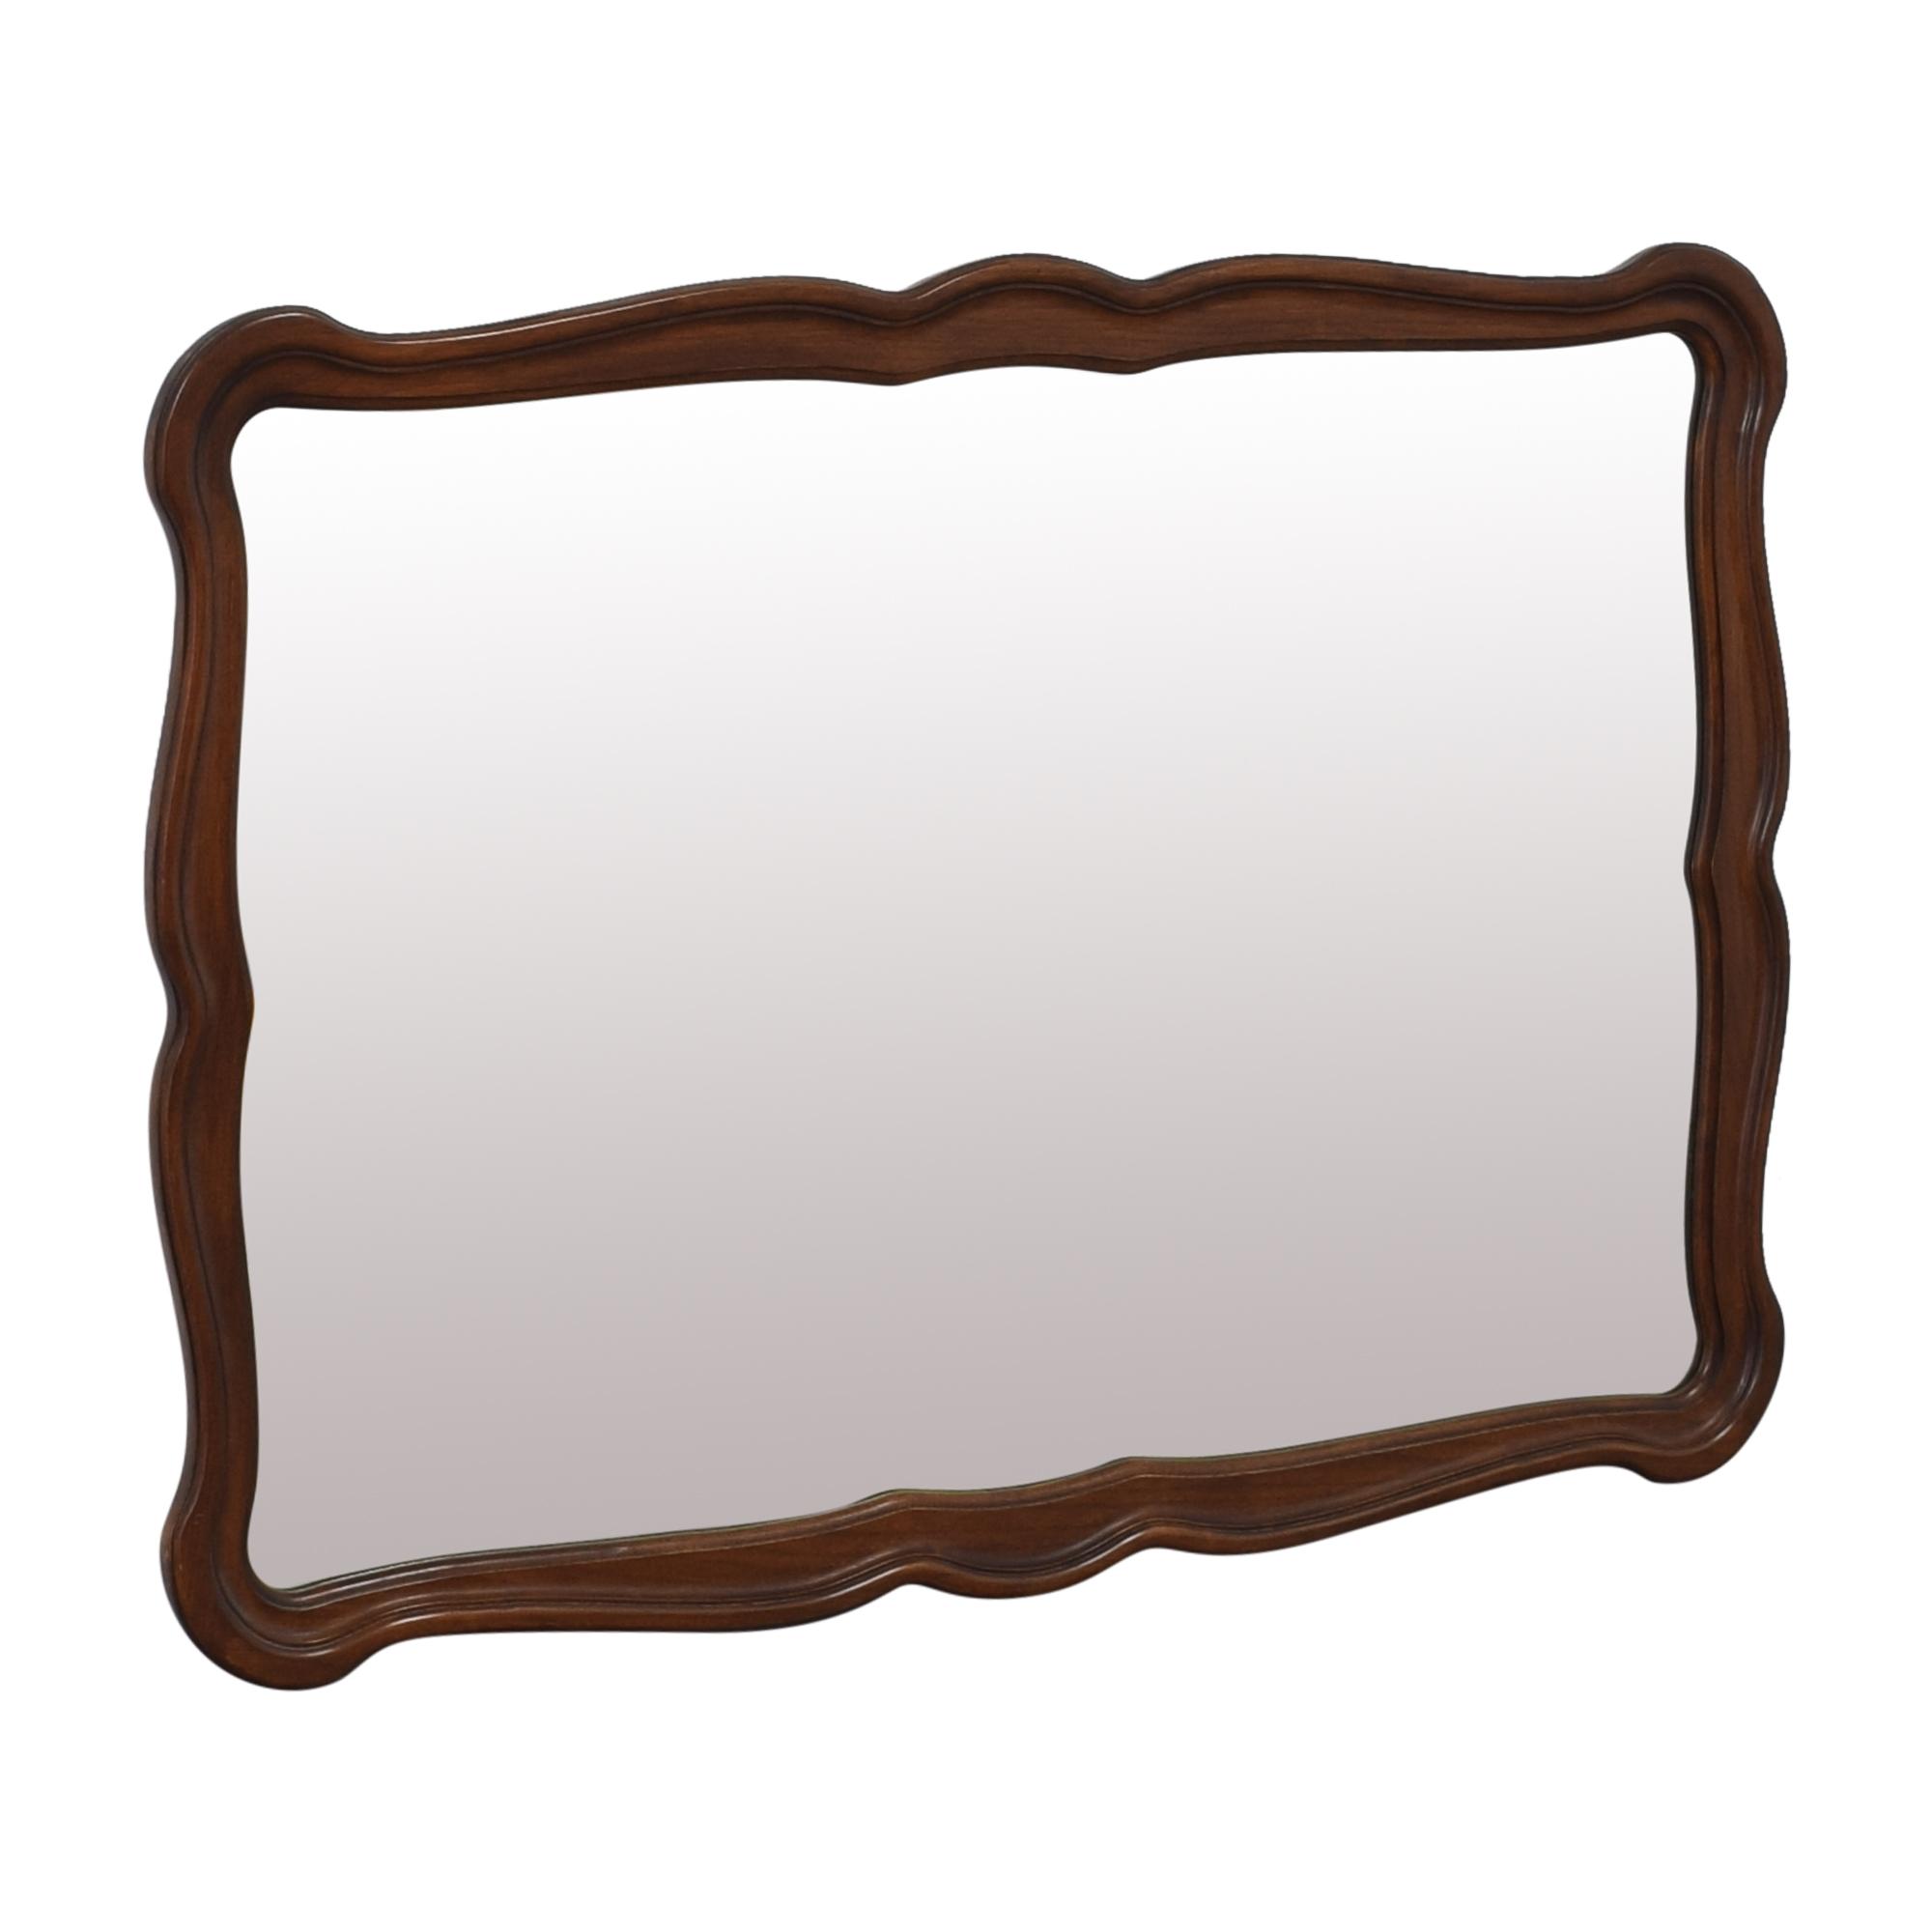 White Fine Furniture White Fine Furniture Wall Mirror price